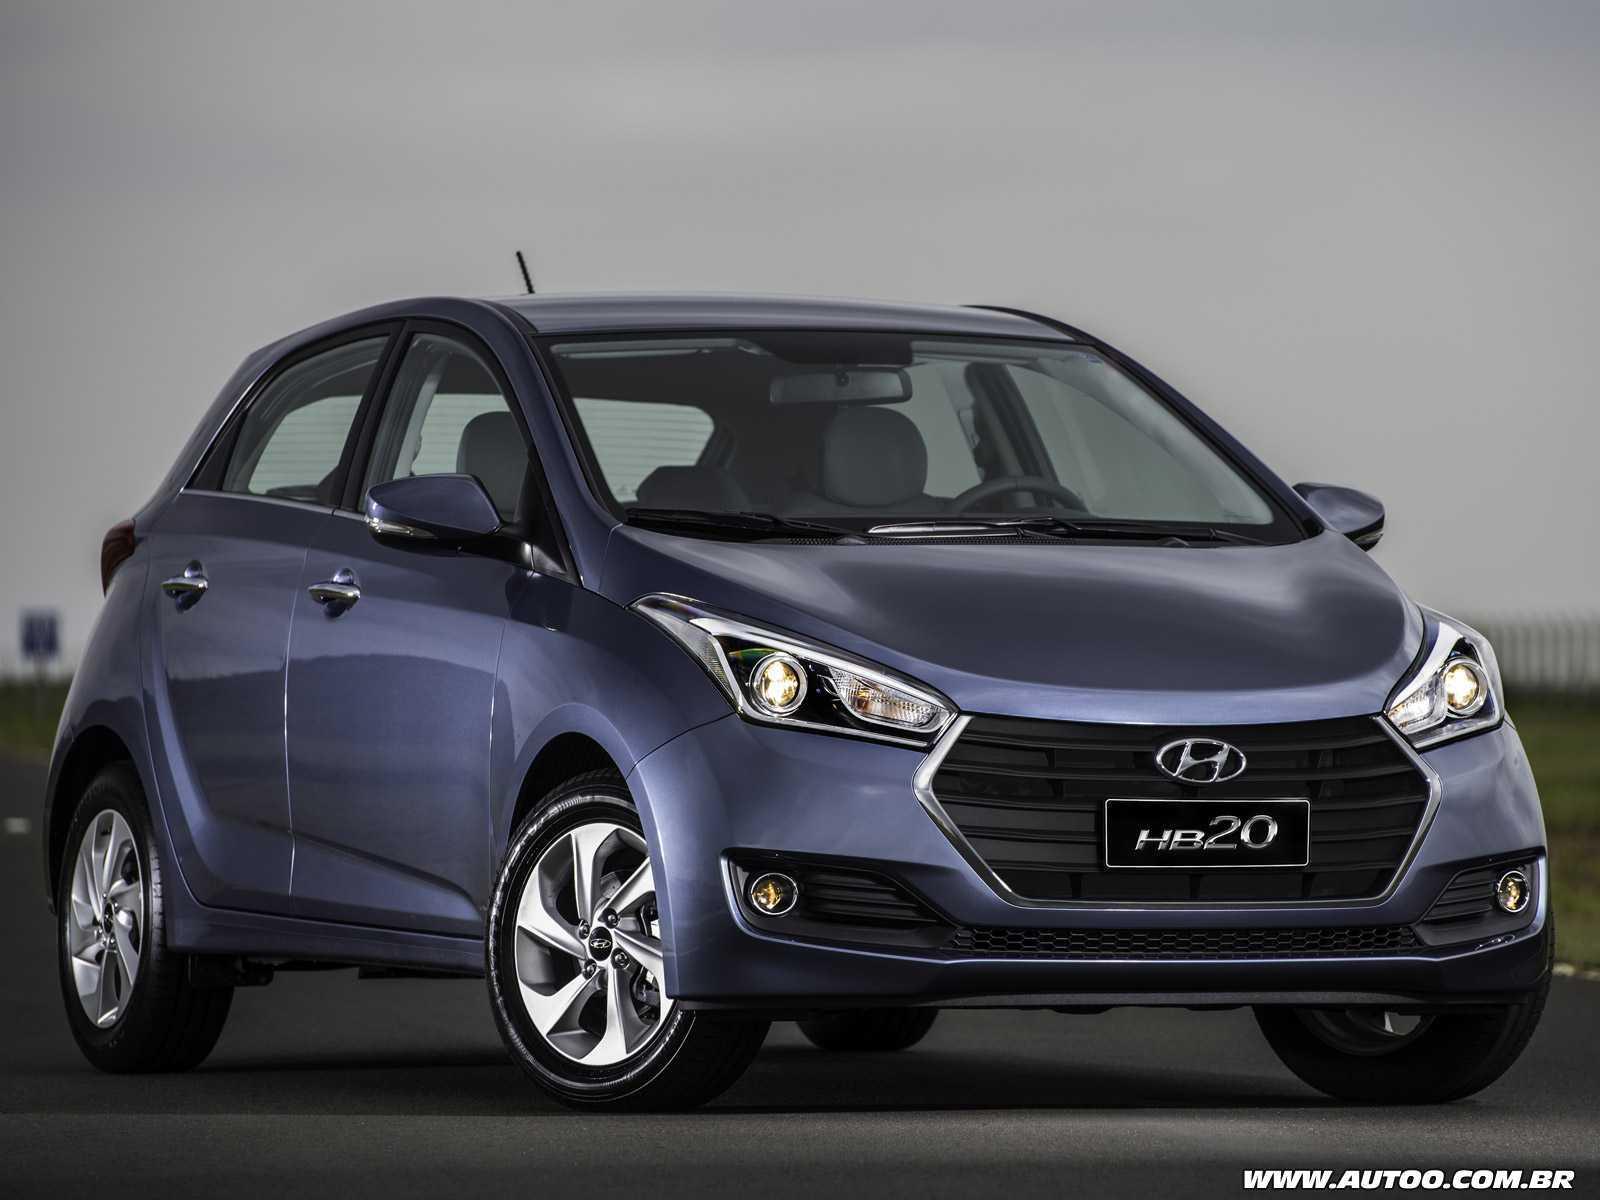 HyundaiHB20 2016 - ângulo frontal